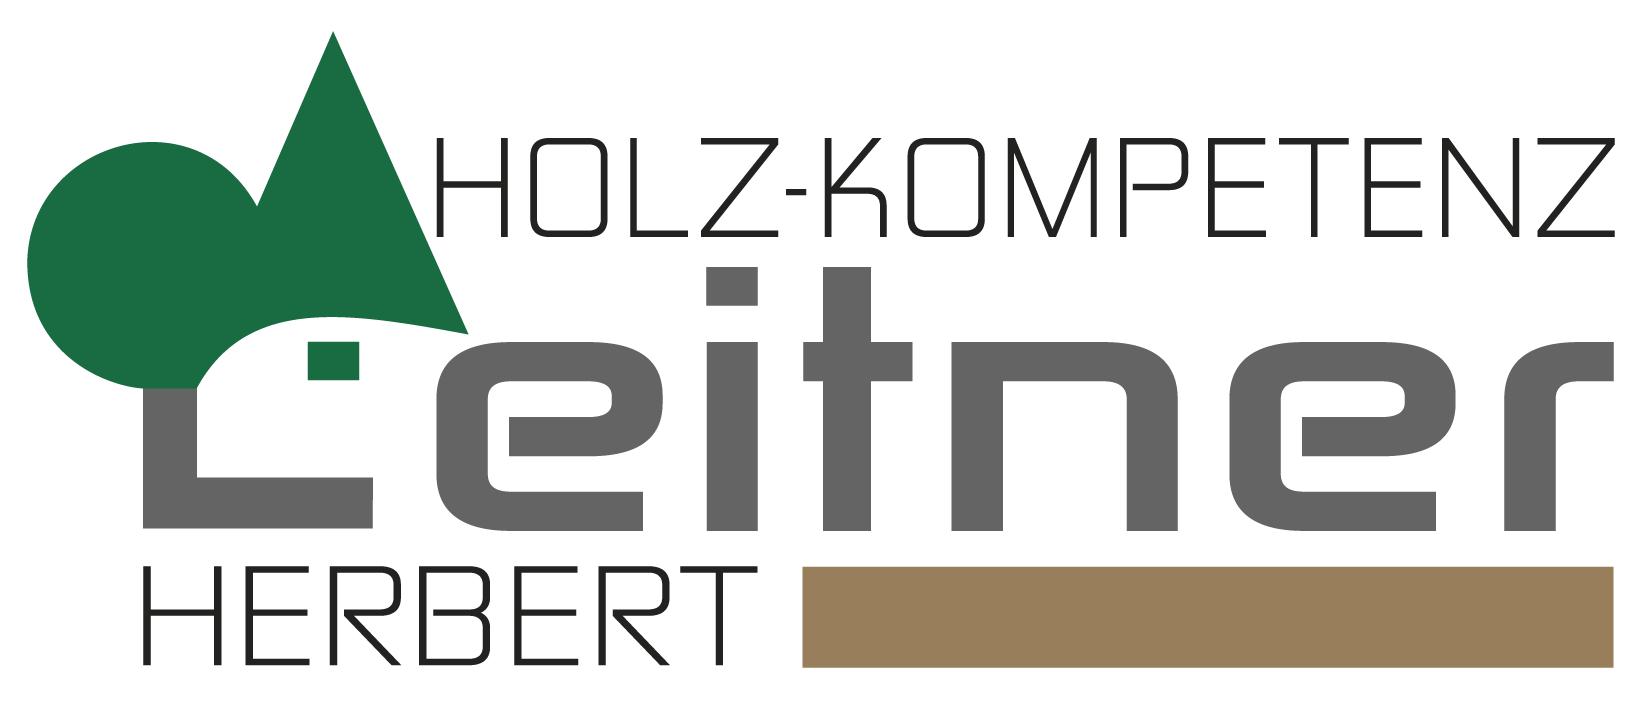 Holzkompetenz Leitner - Säge- und Hobelwerk aus Freistadt | Holzkompetenz Leitner - Herbert Leitner ist Ihr Säge- und Hobelwerk. Bau- & Tischlereibereich, Garten-& Freiraumgestaltung uvm. aus Freistadt in Oberösterreich